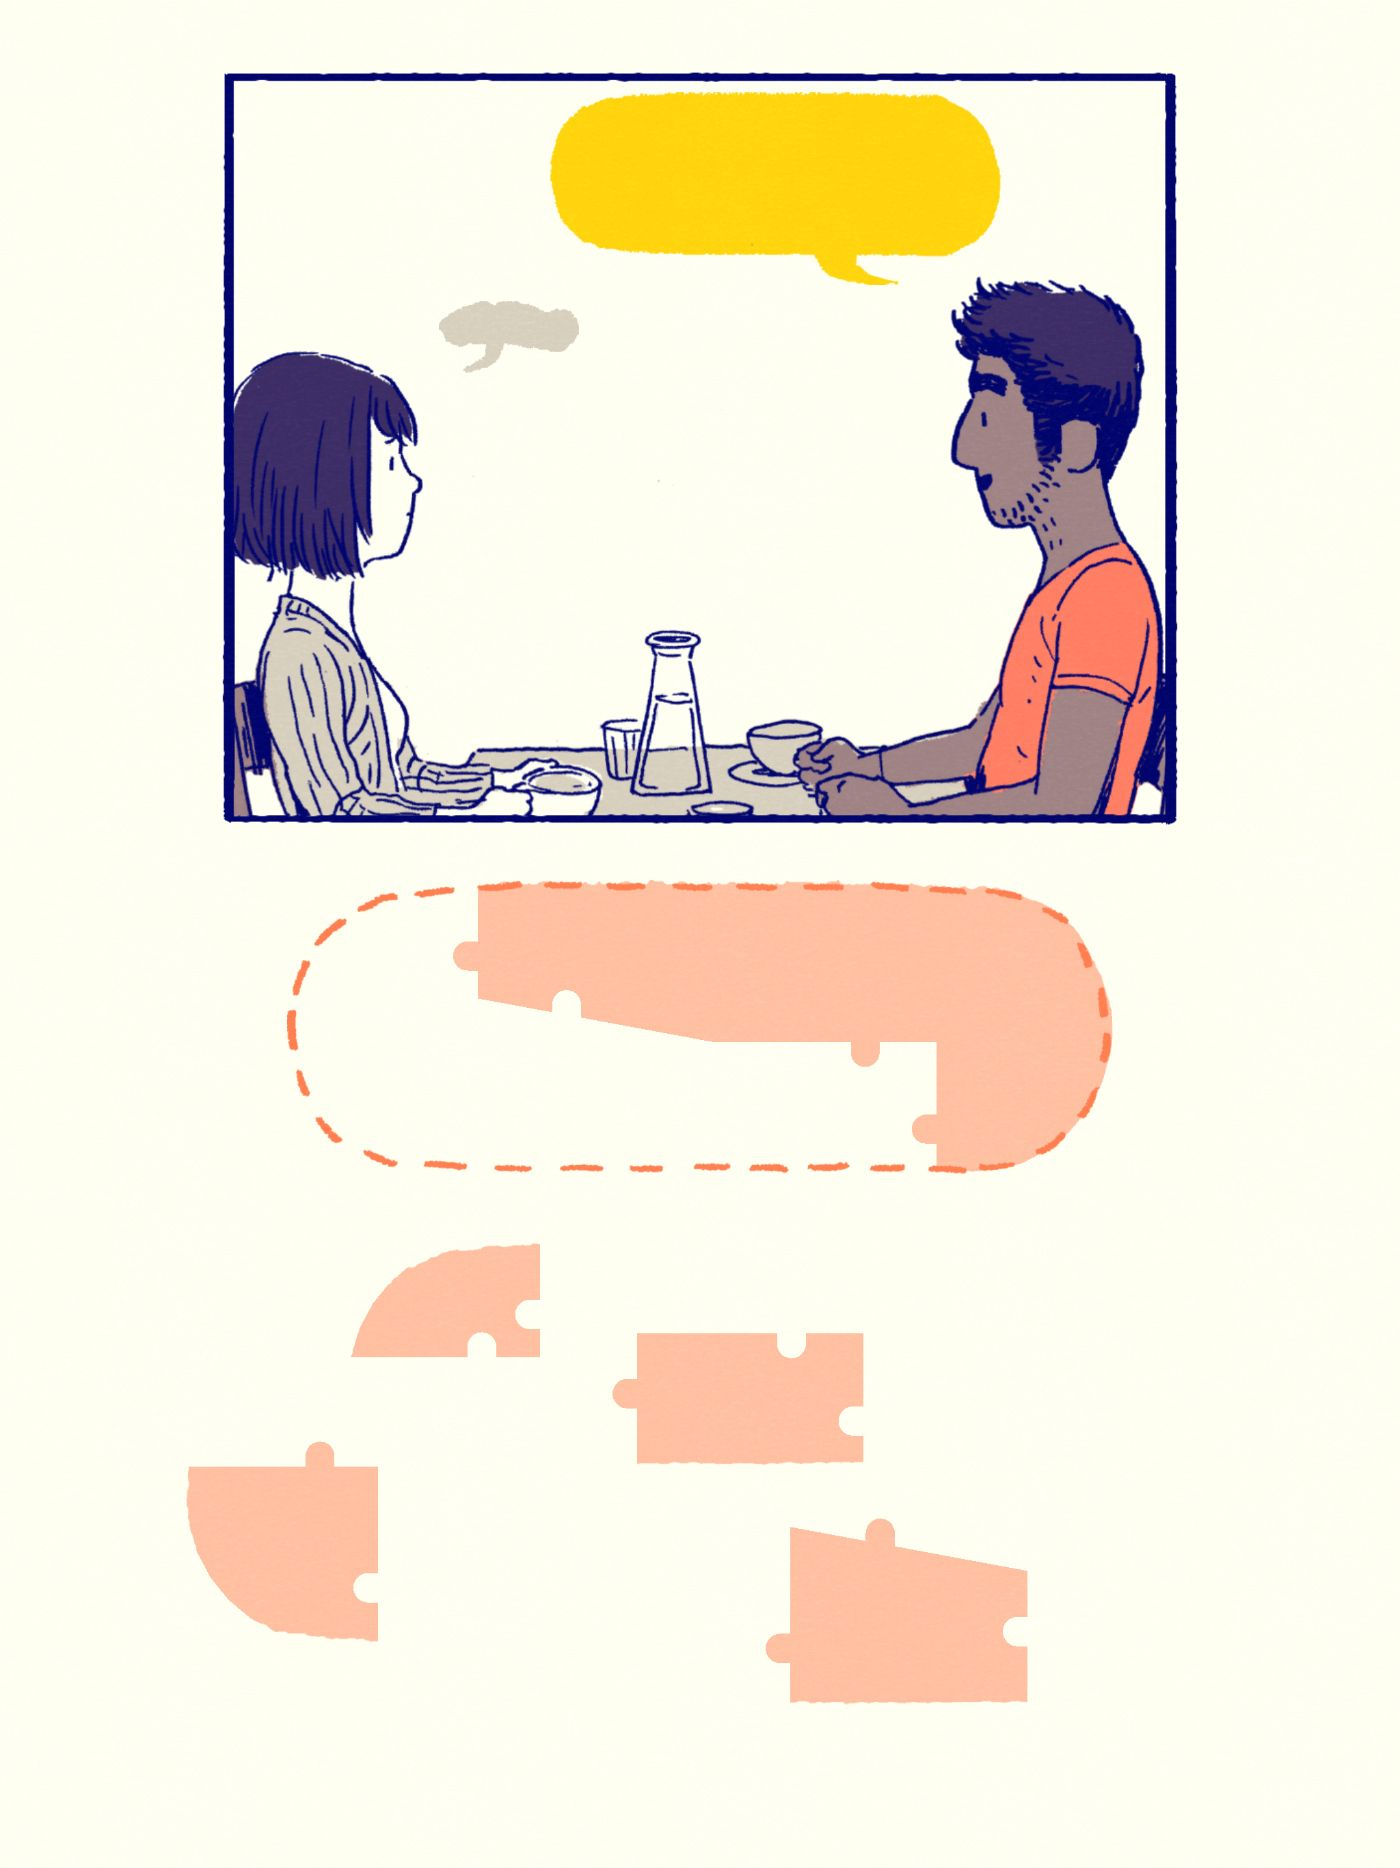 Resultado de imagem para florence game conversations